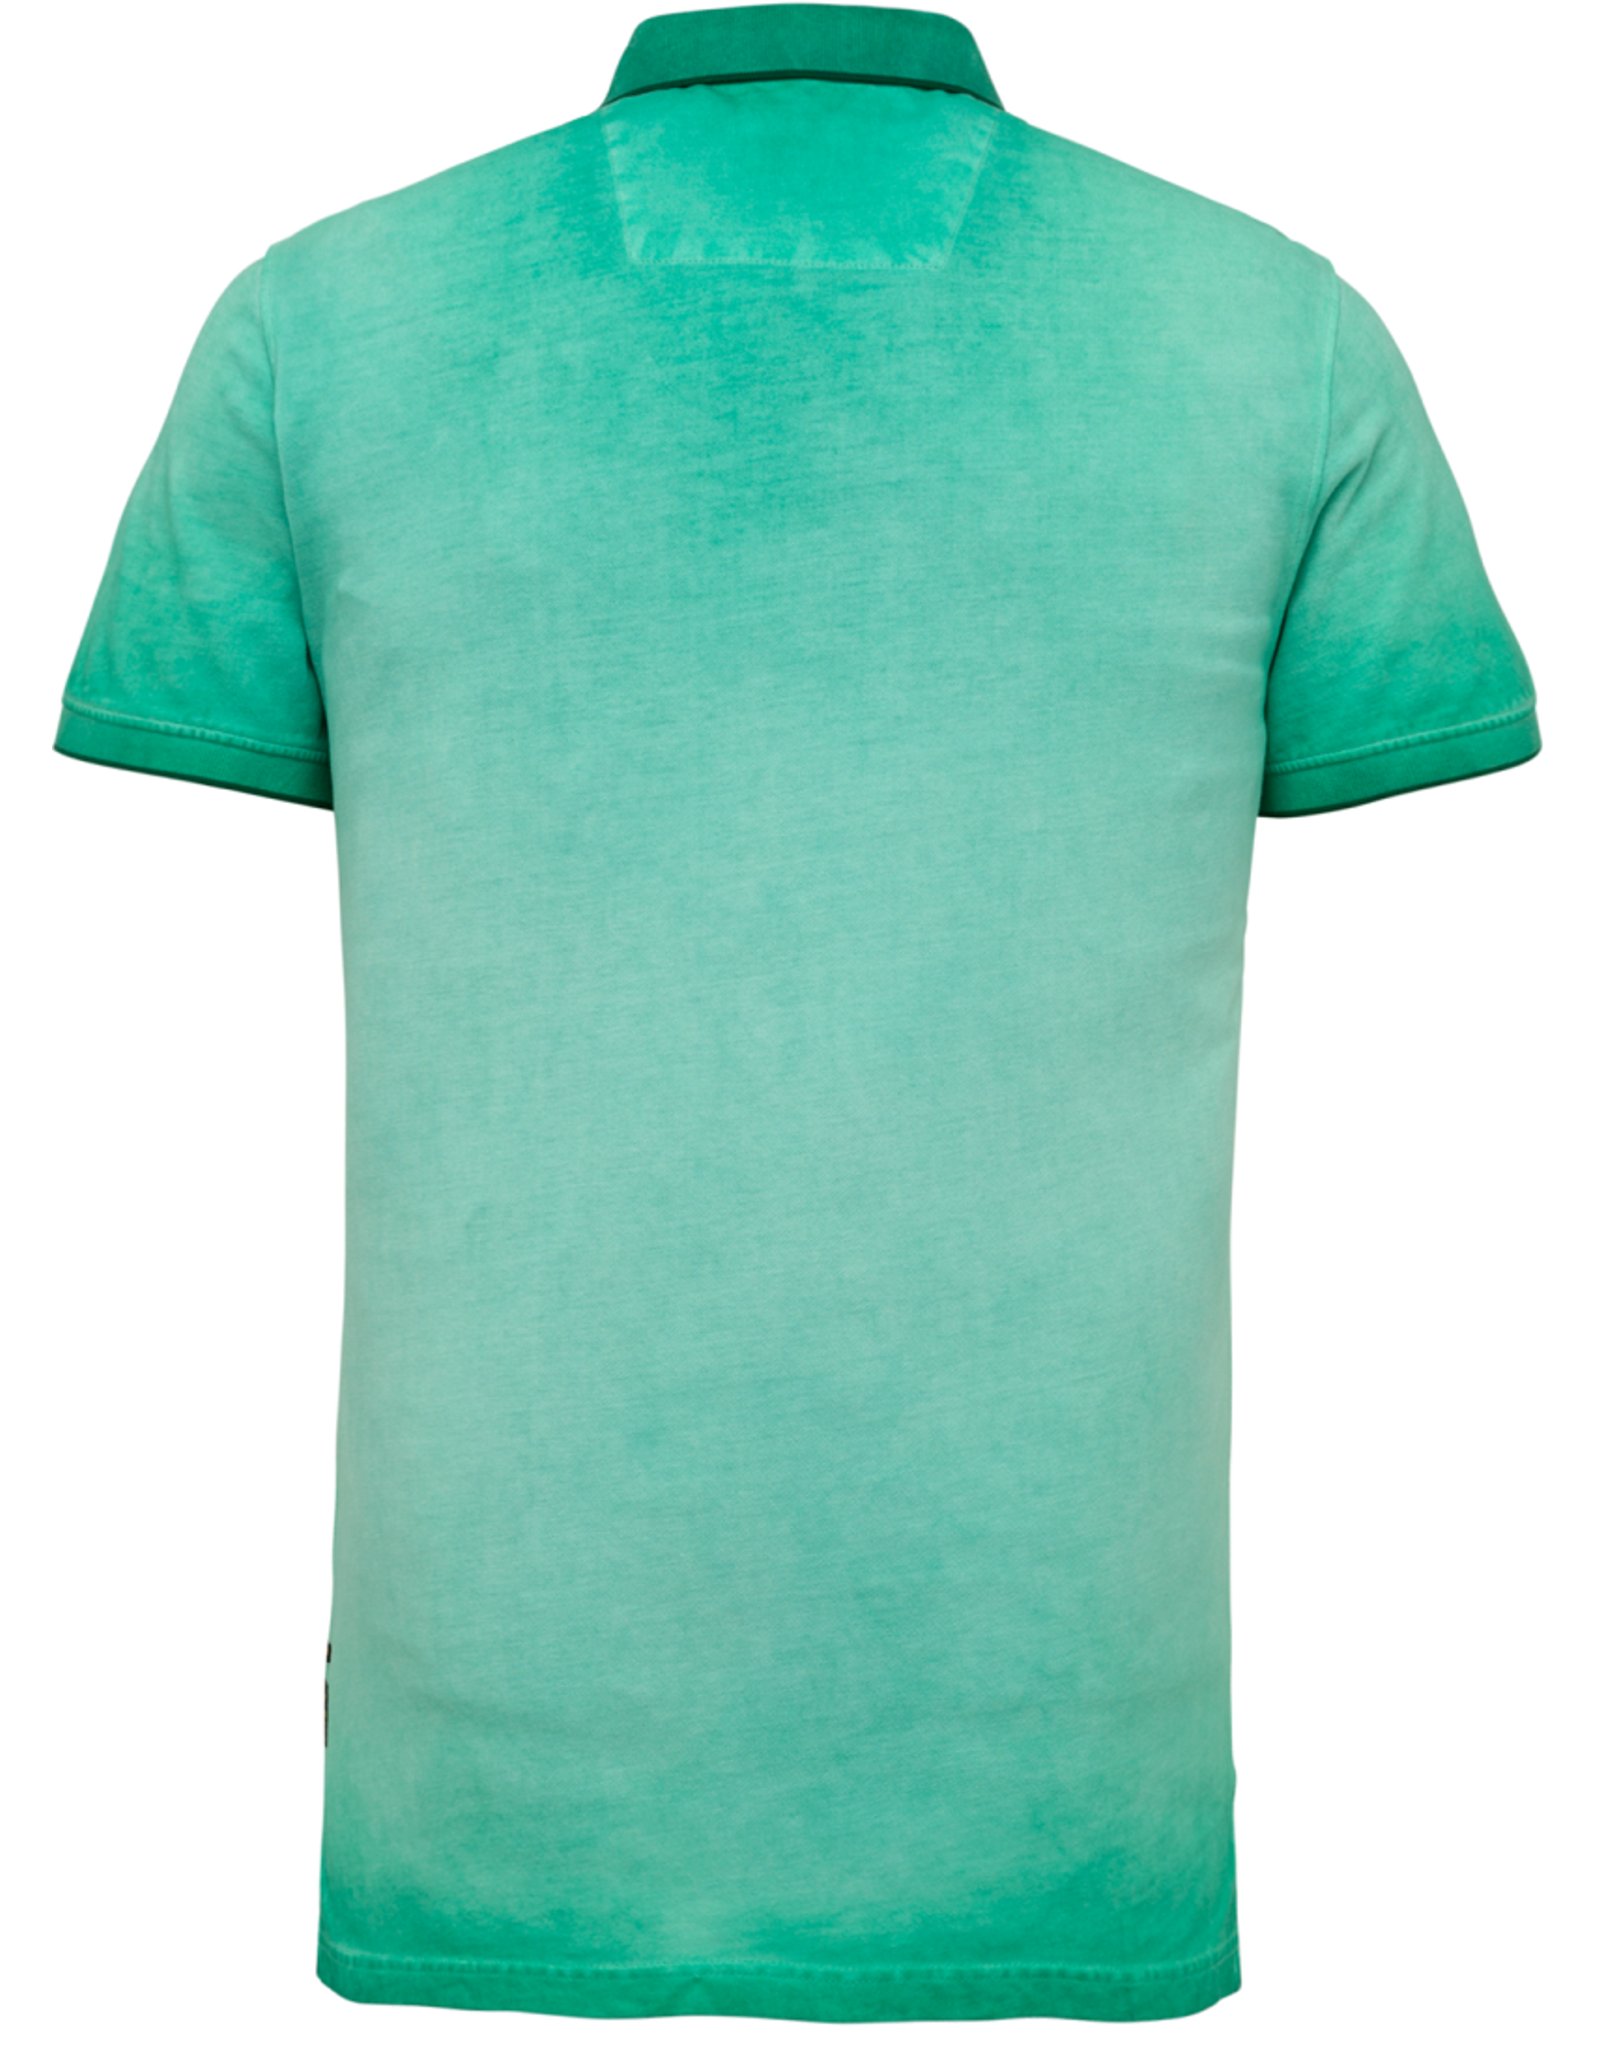 PME Legend PME Legend light pique cold dye deep green